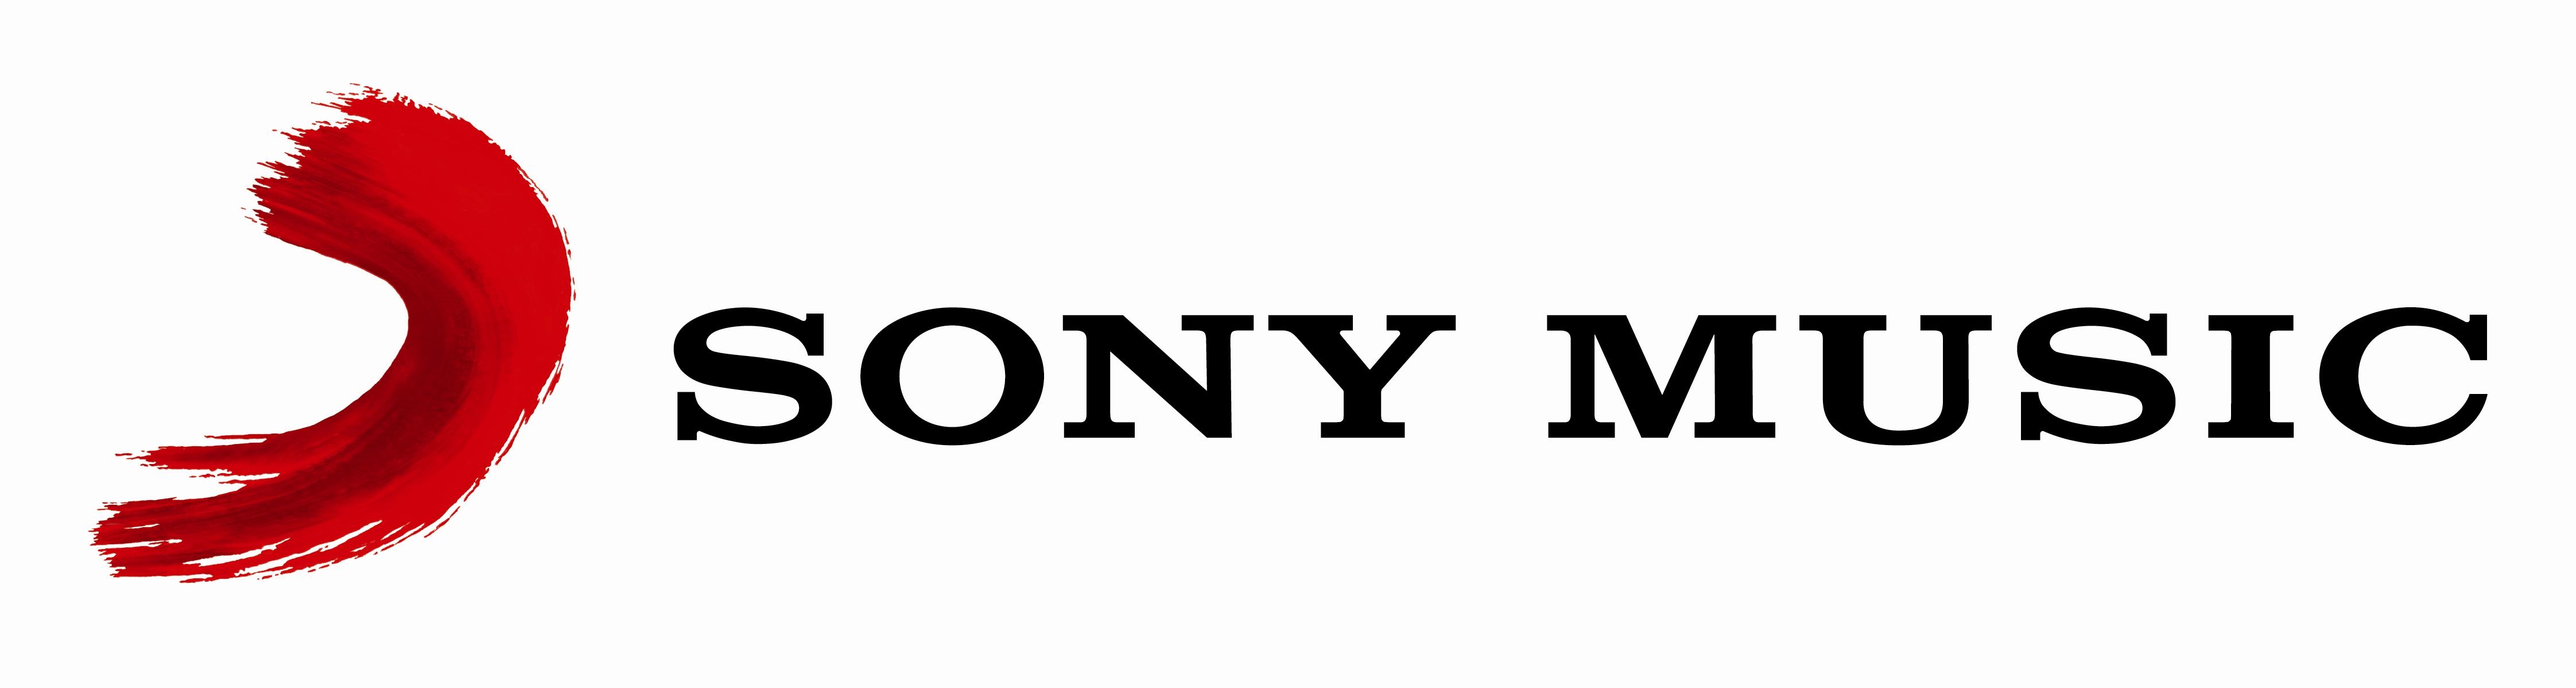 Sony-logo-landscape